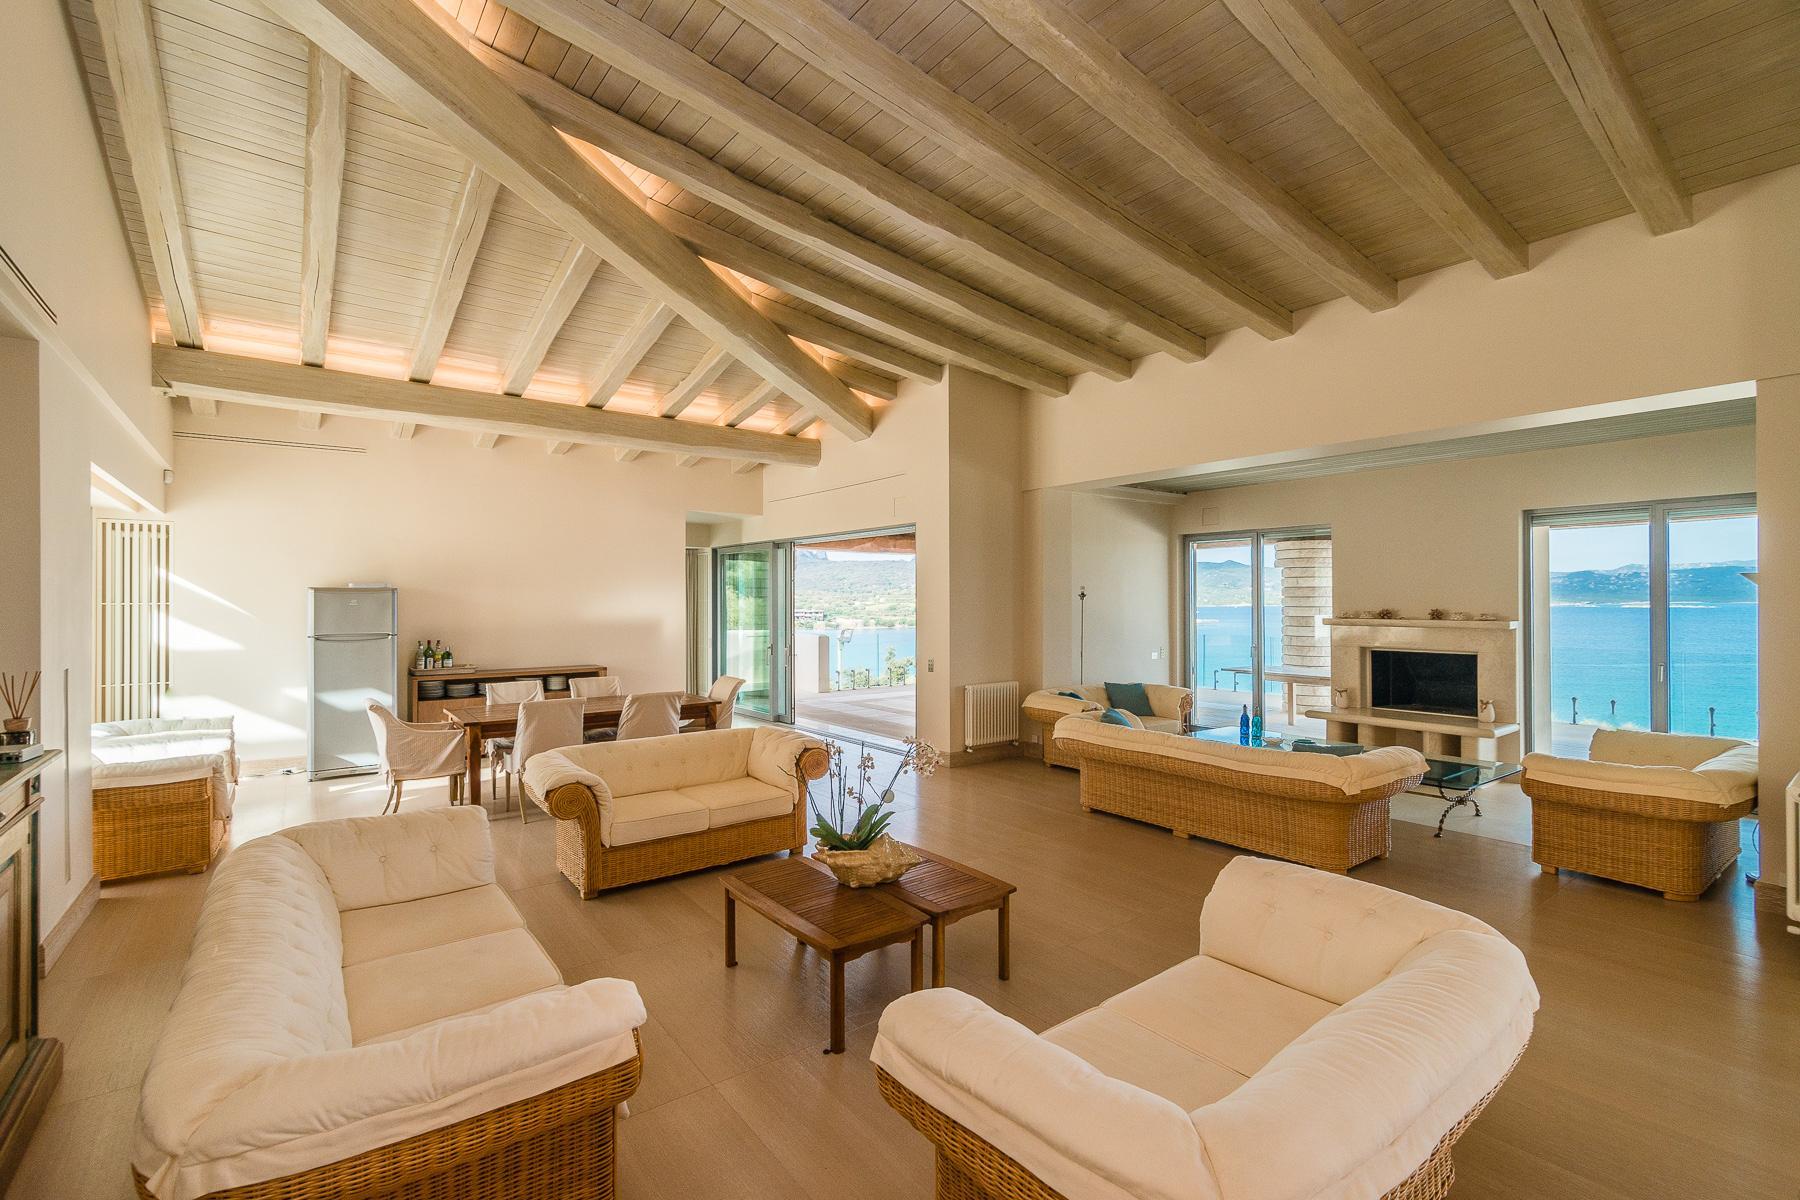 Wunderschöne Villa am Meer an der Costa Smeralda - 8